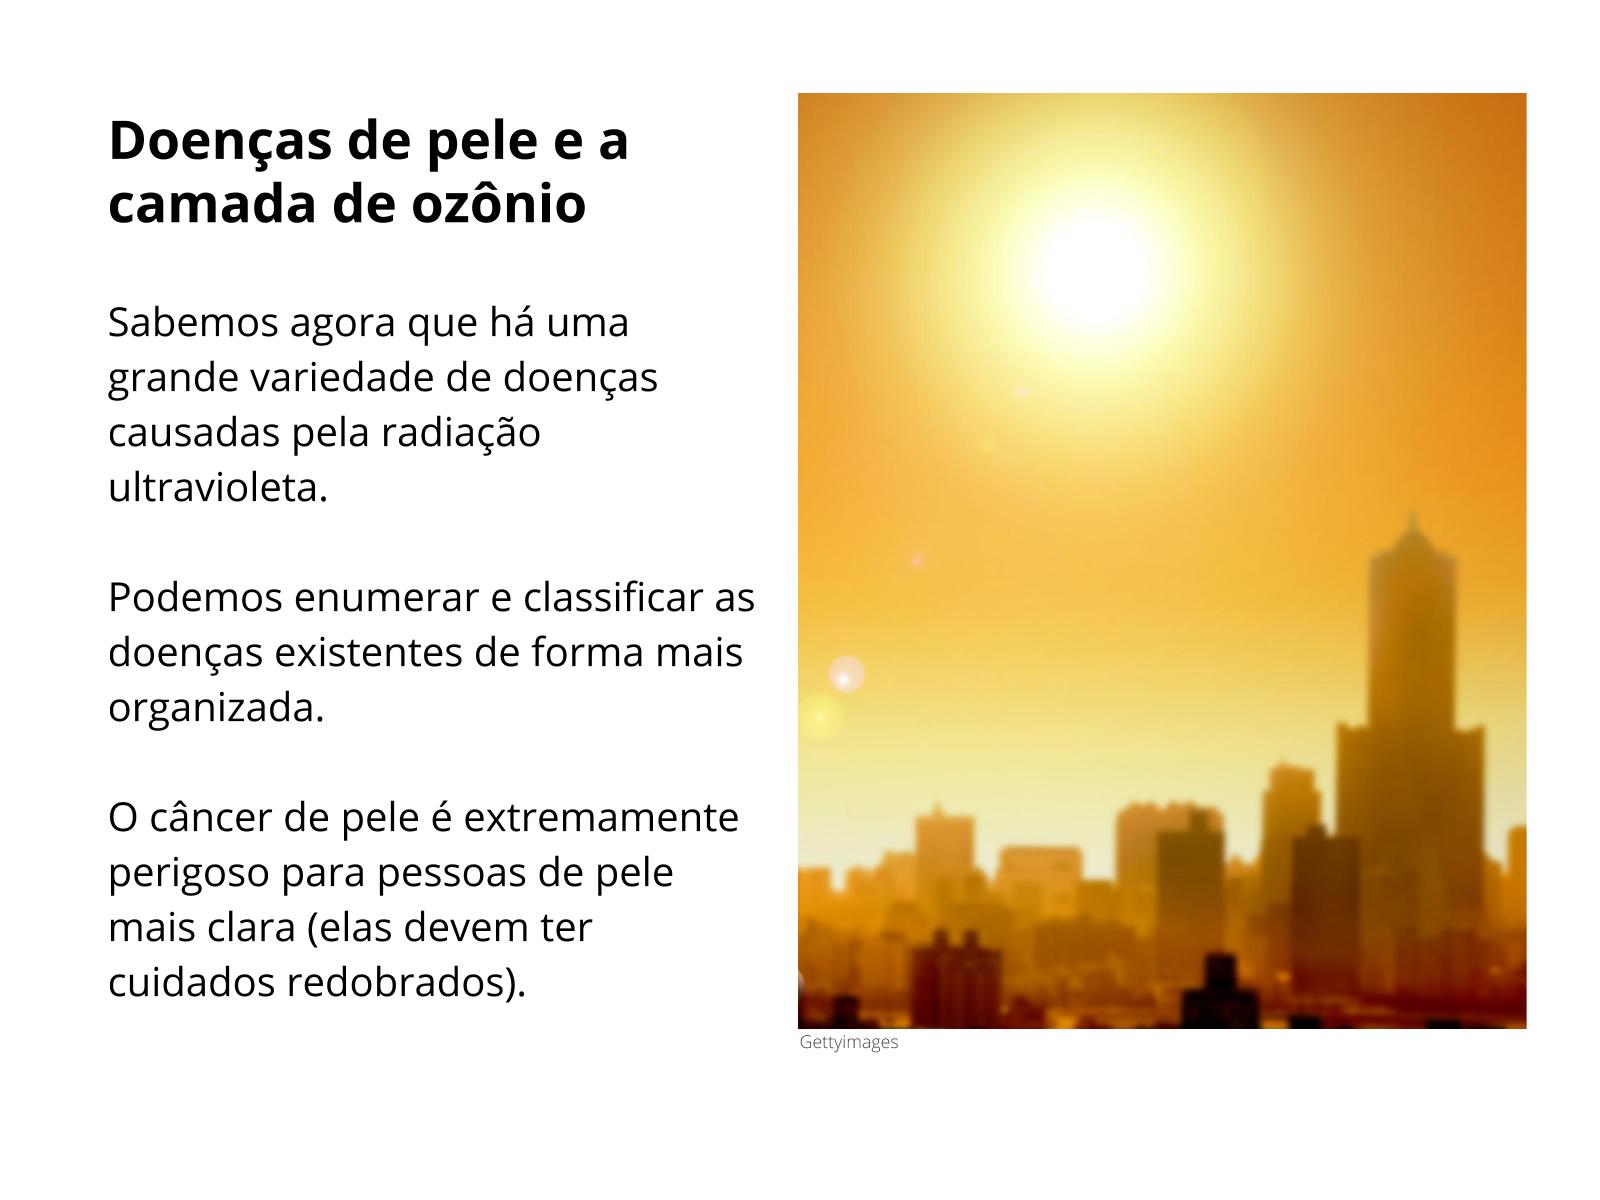 Doenças de pele e a camada de ozônio